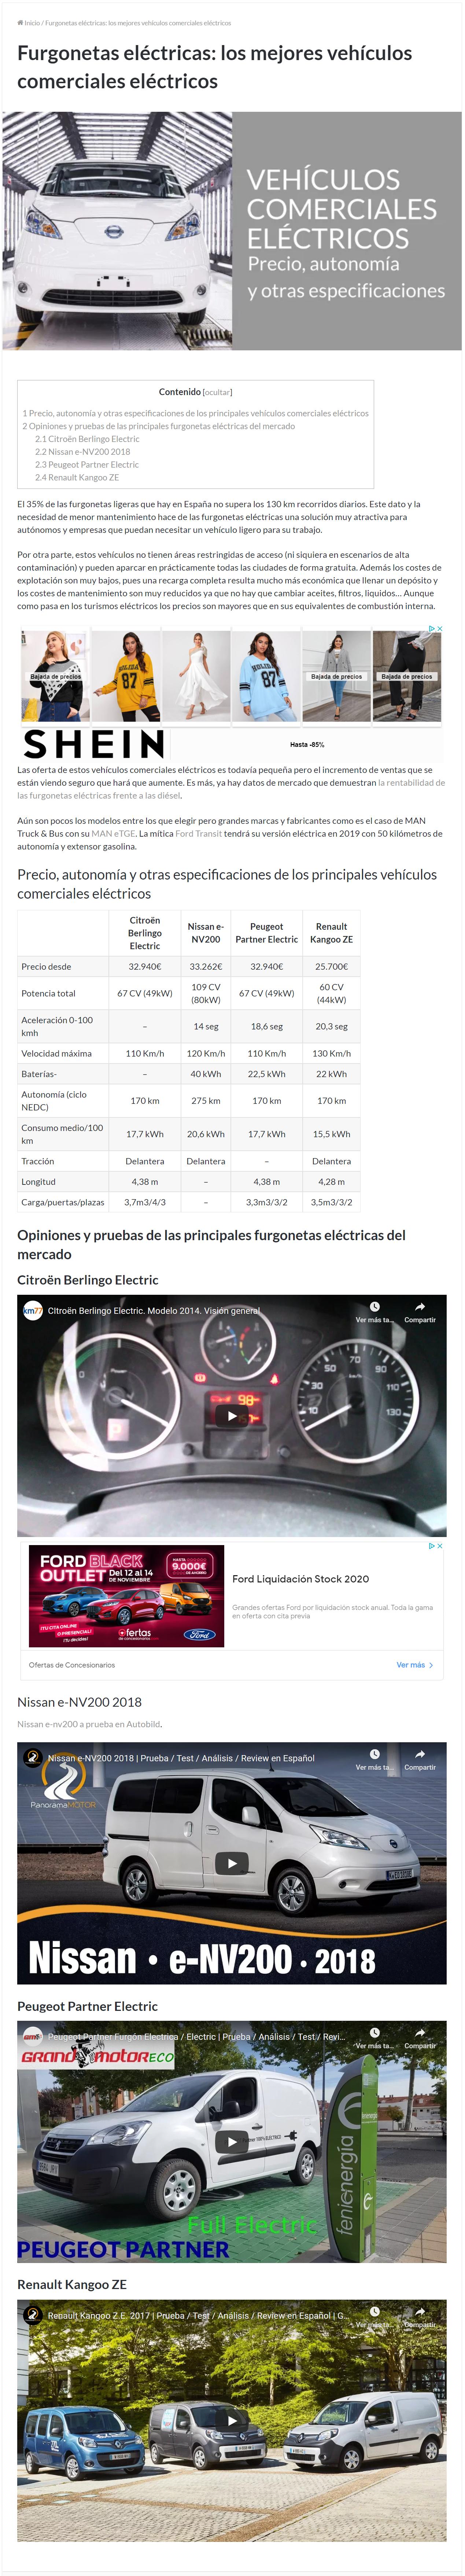 600voltios como posicionar en primera pagina marketing digital para pymes autonomos paulapmartin